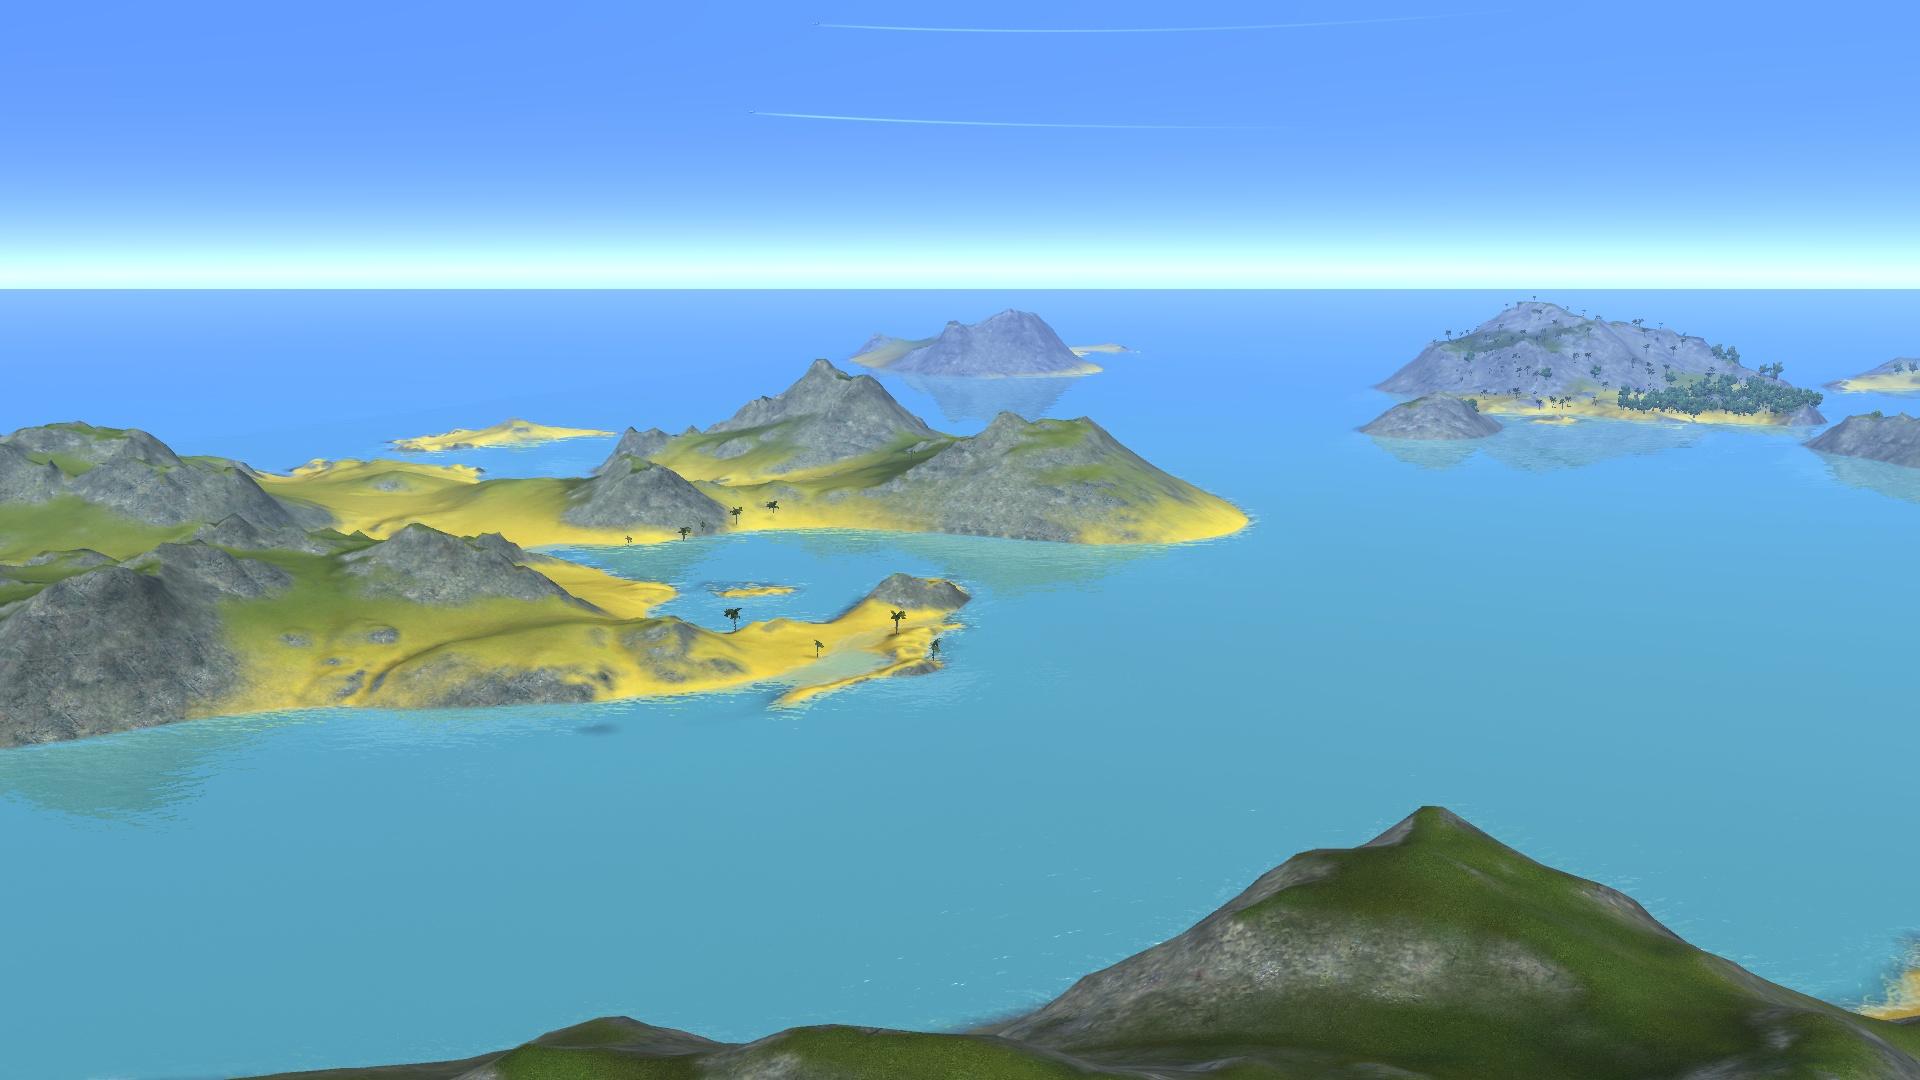 cxl_screenshot_islands_2.jpg